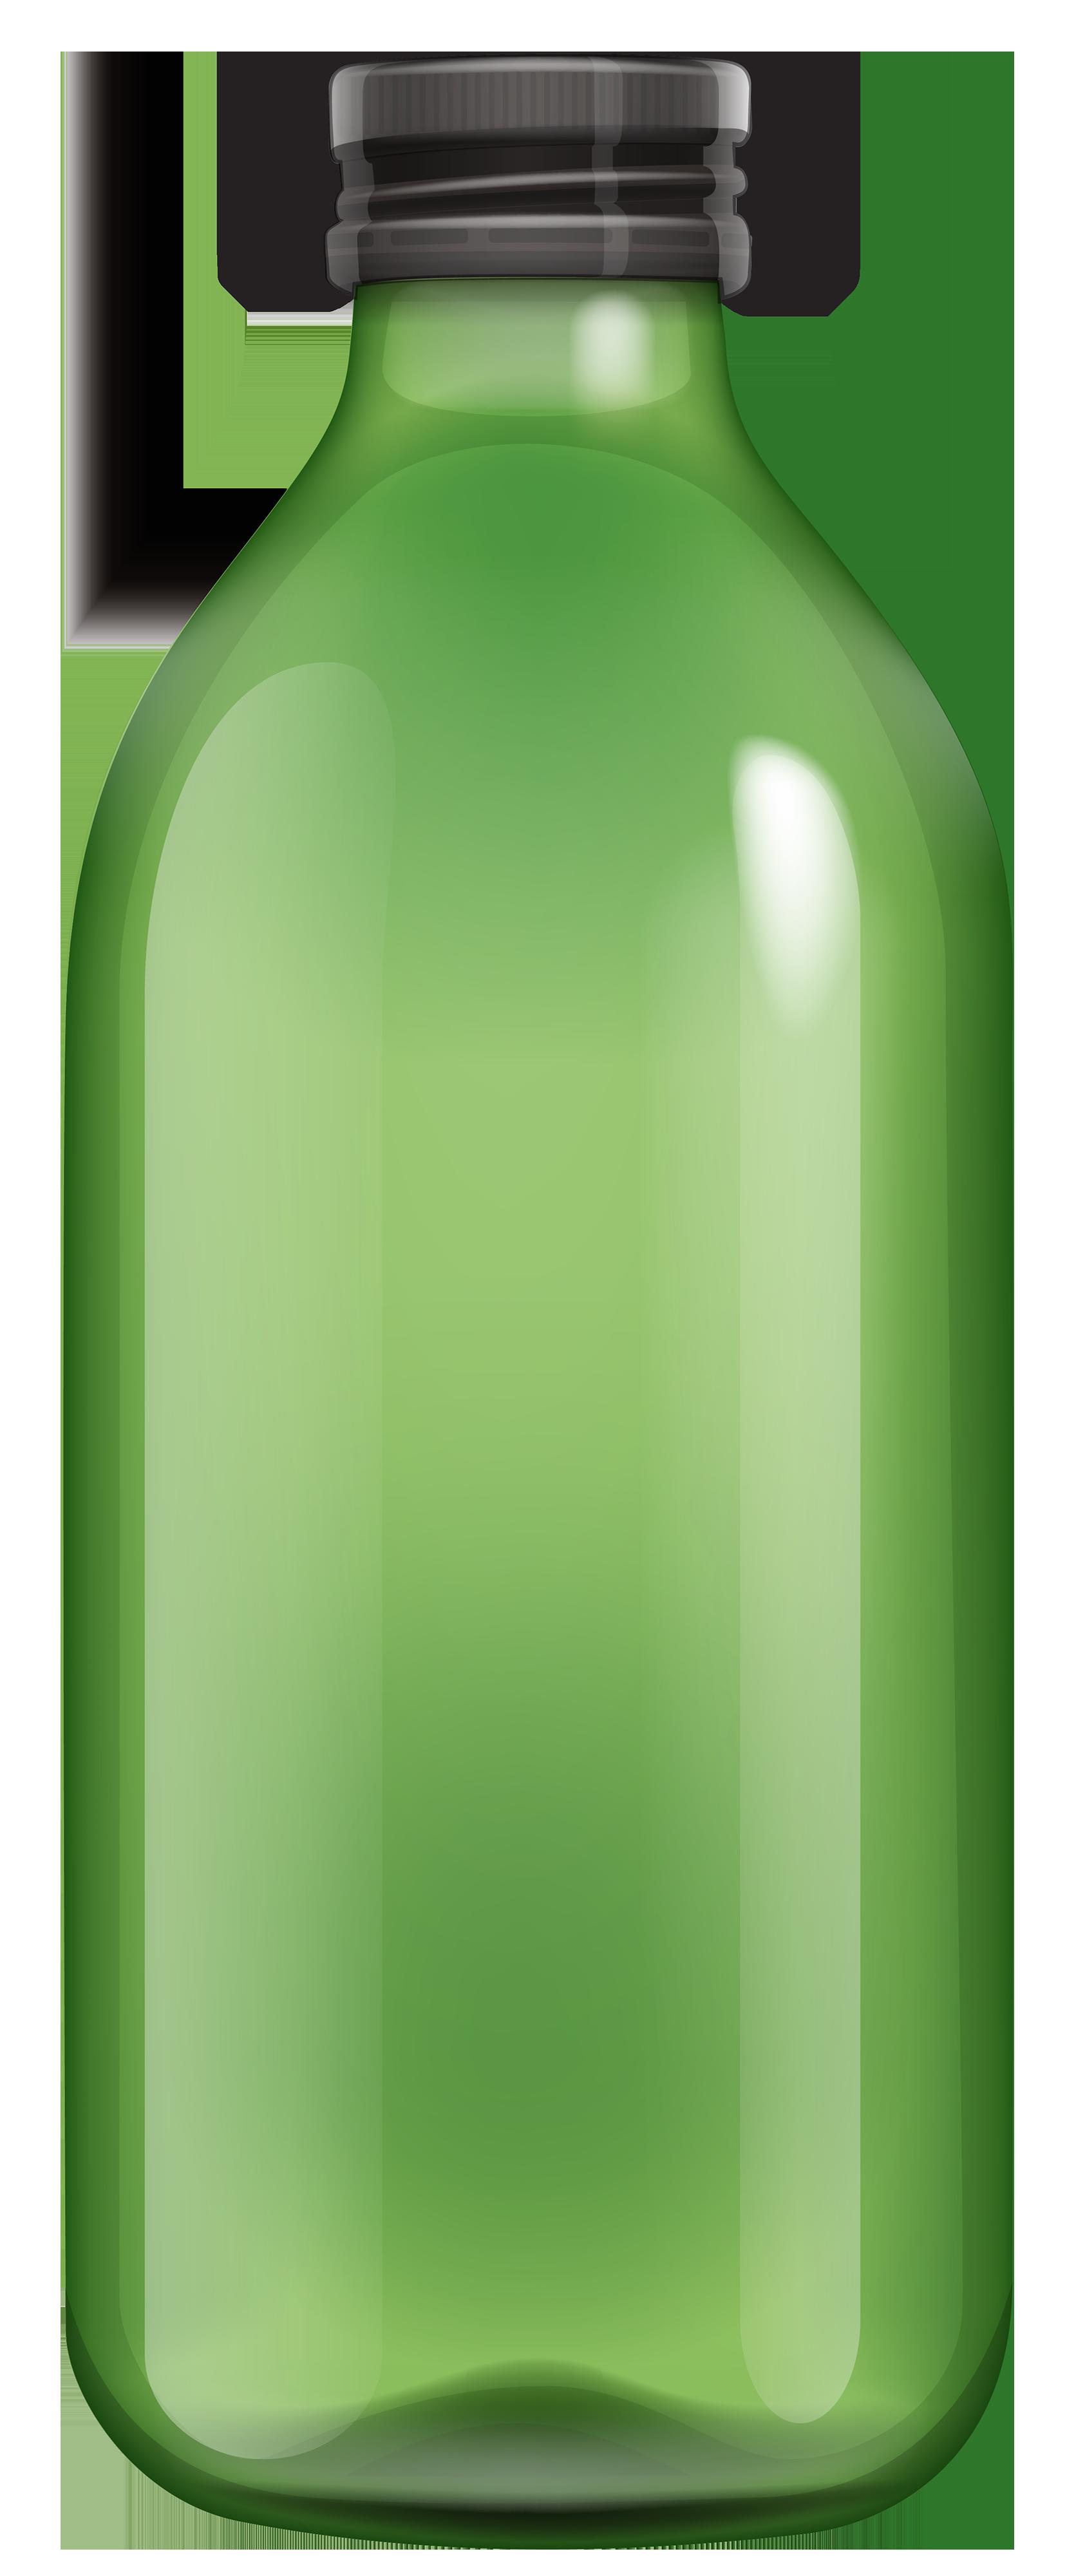 Bottle Png 6 PNG Image - Bottle PNG